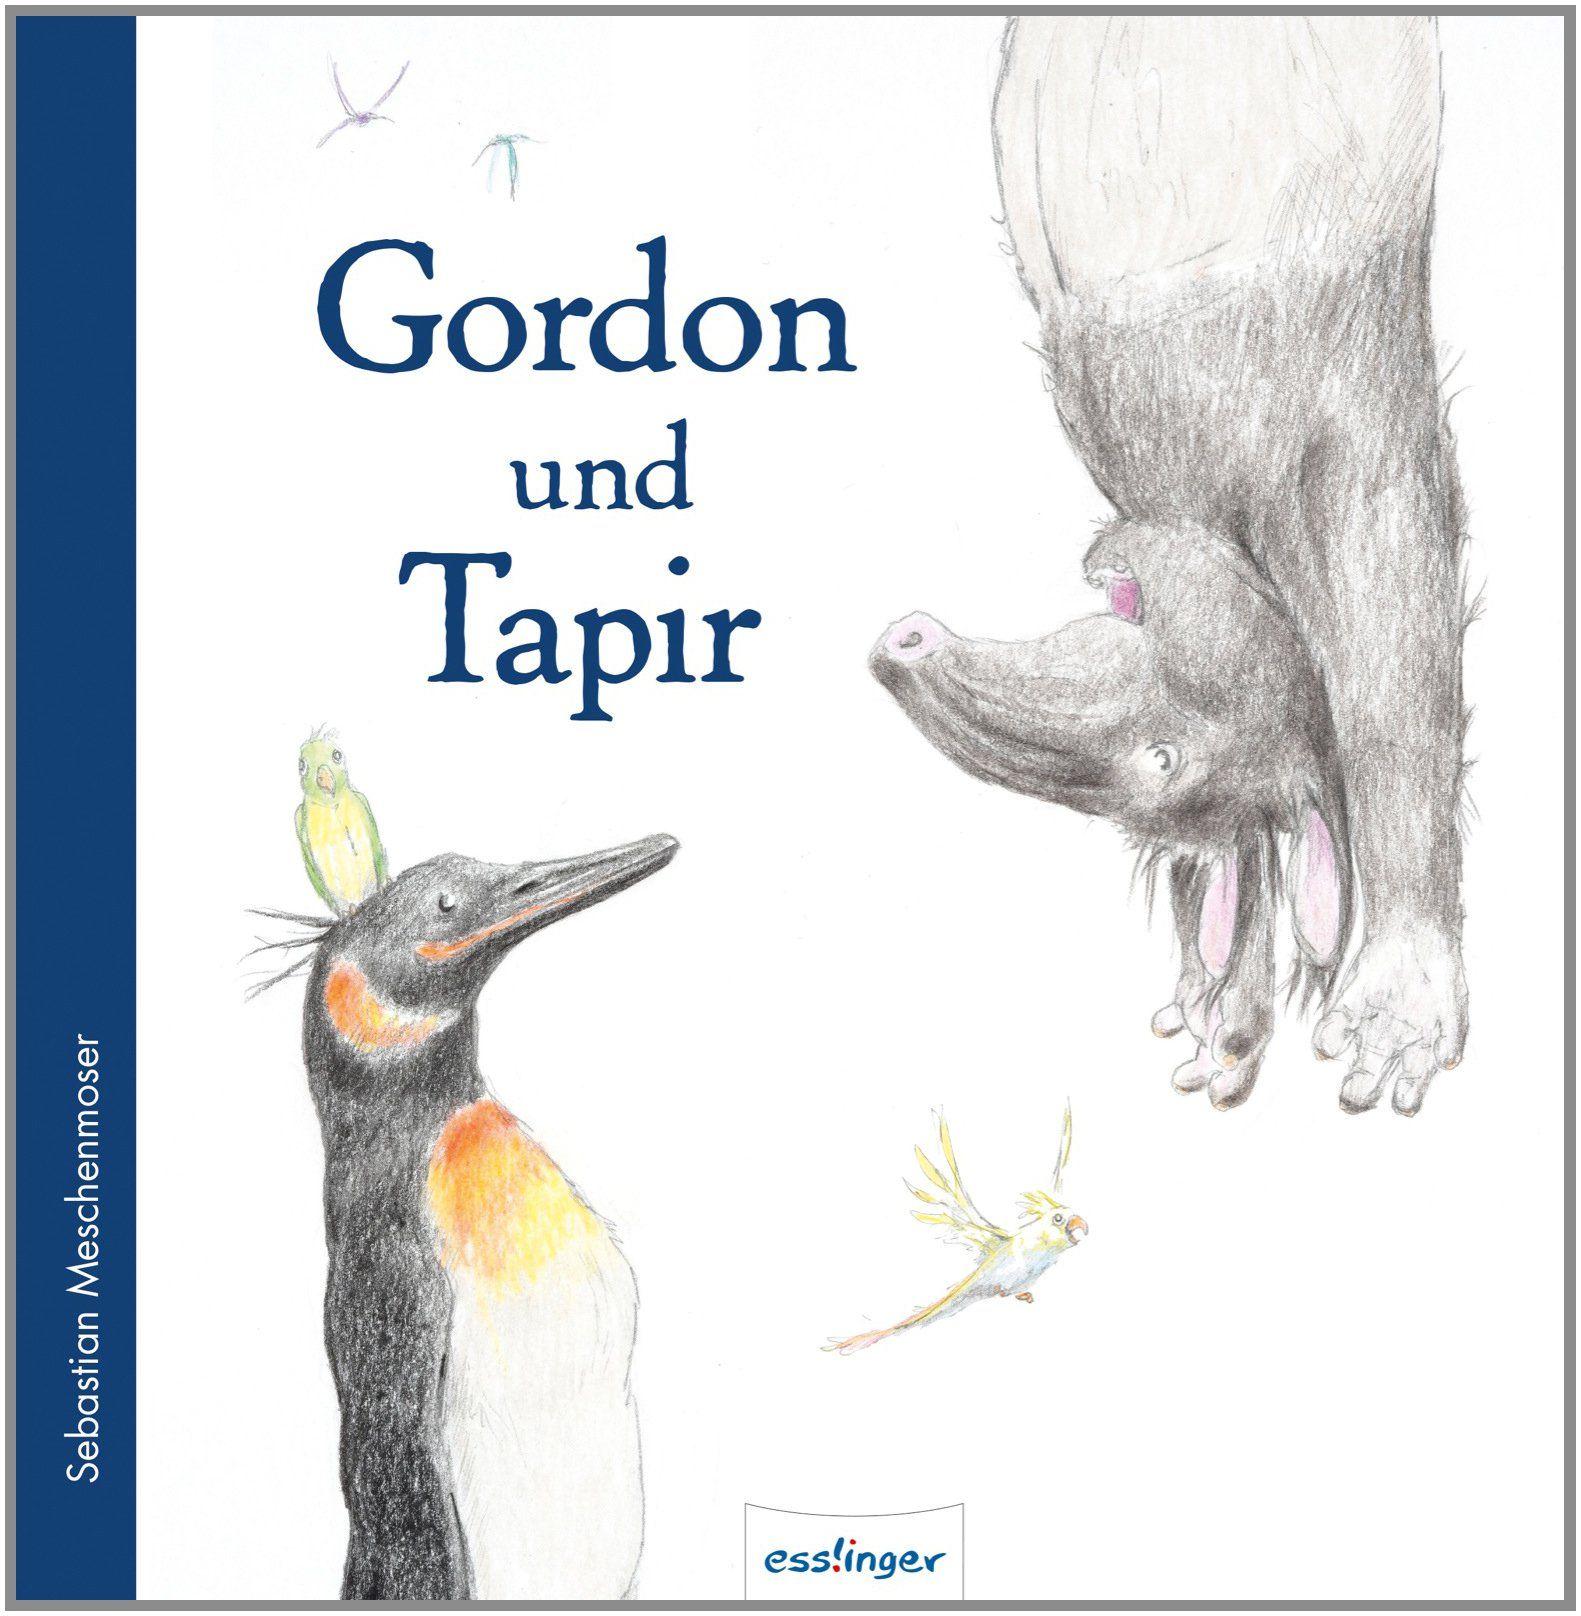 Explore Book Illustration, Picture Books, And More!